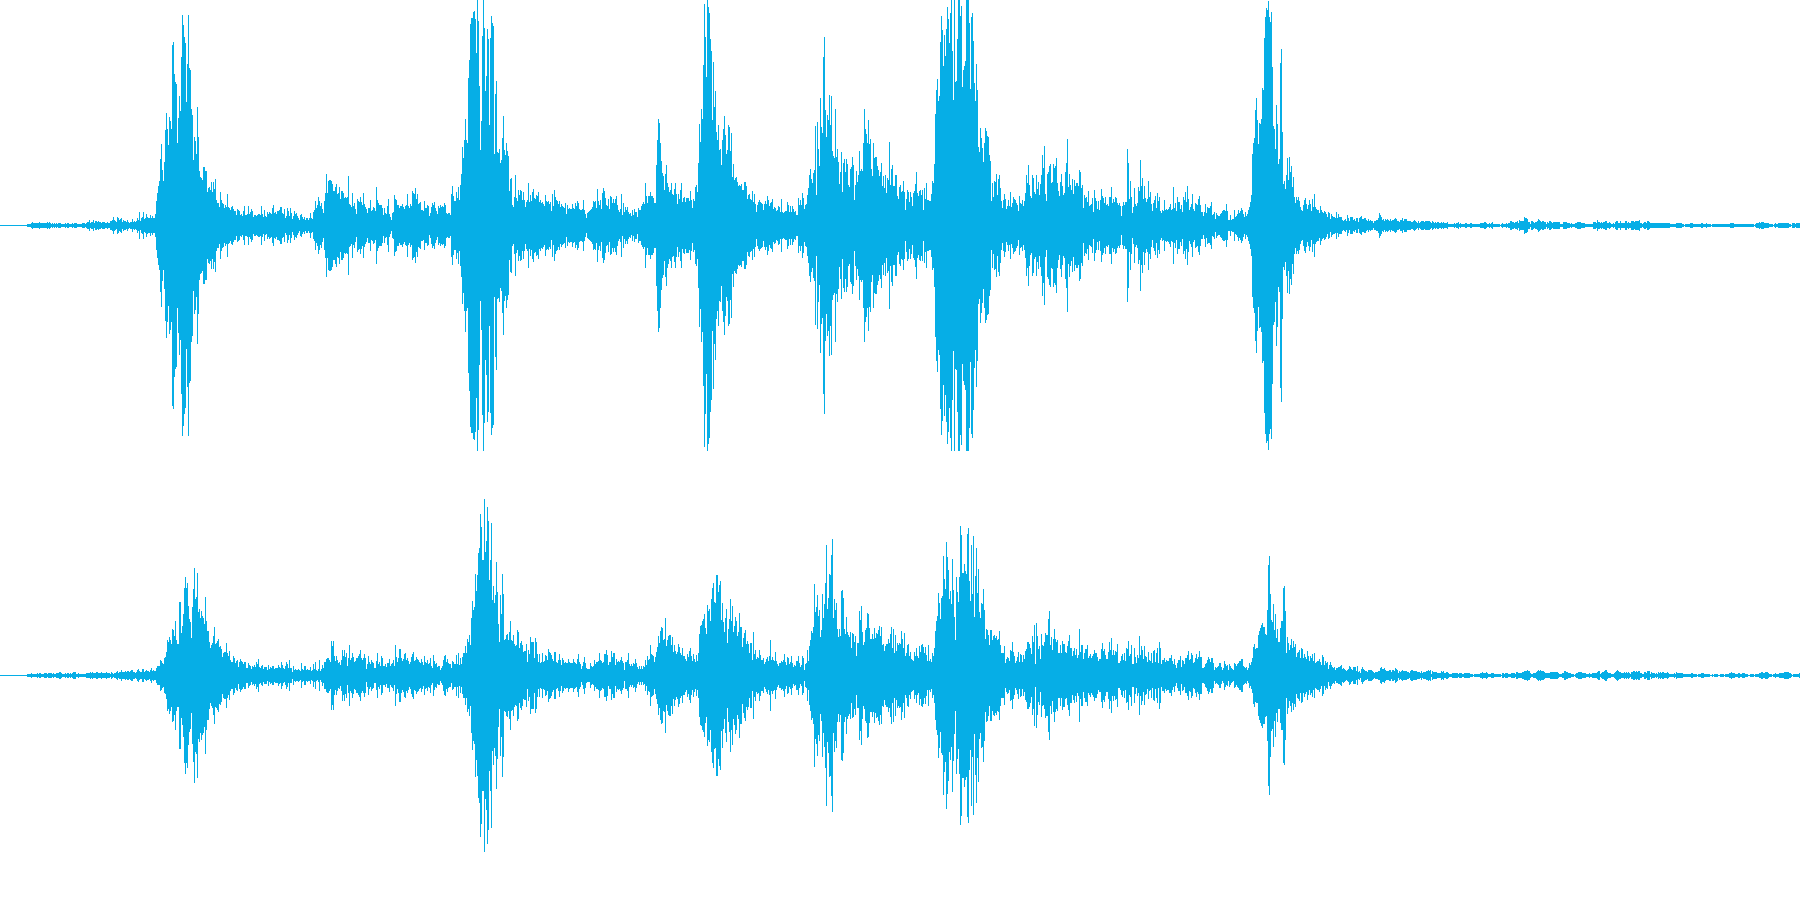 ガラガラ(玄関を開ける音) 音量大の再生済みの波形